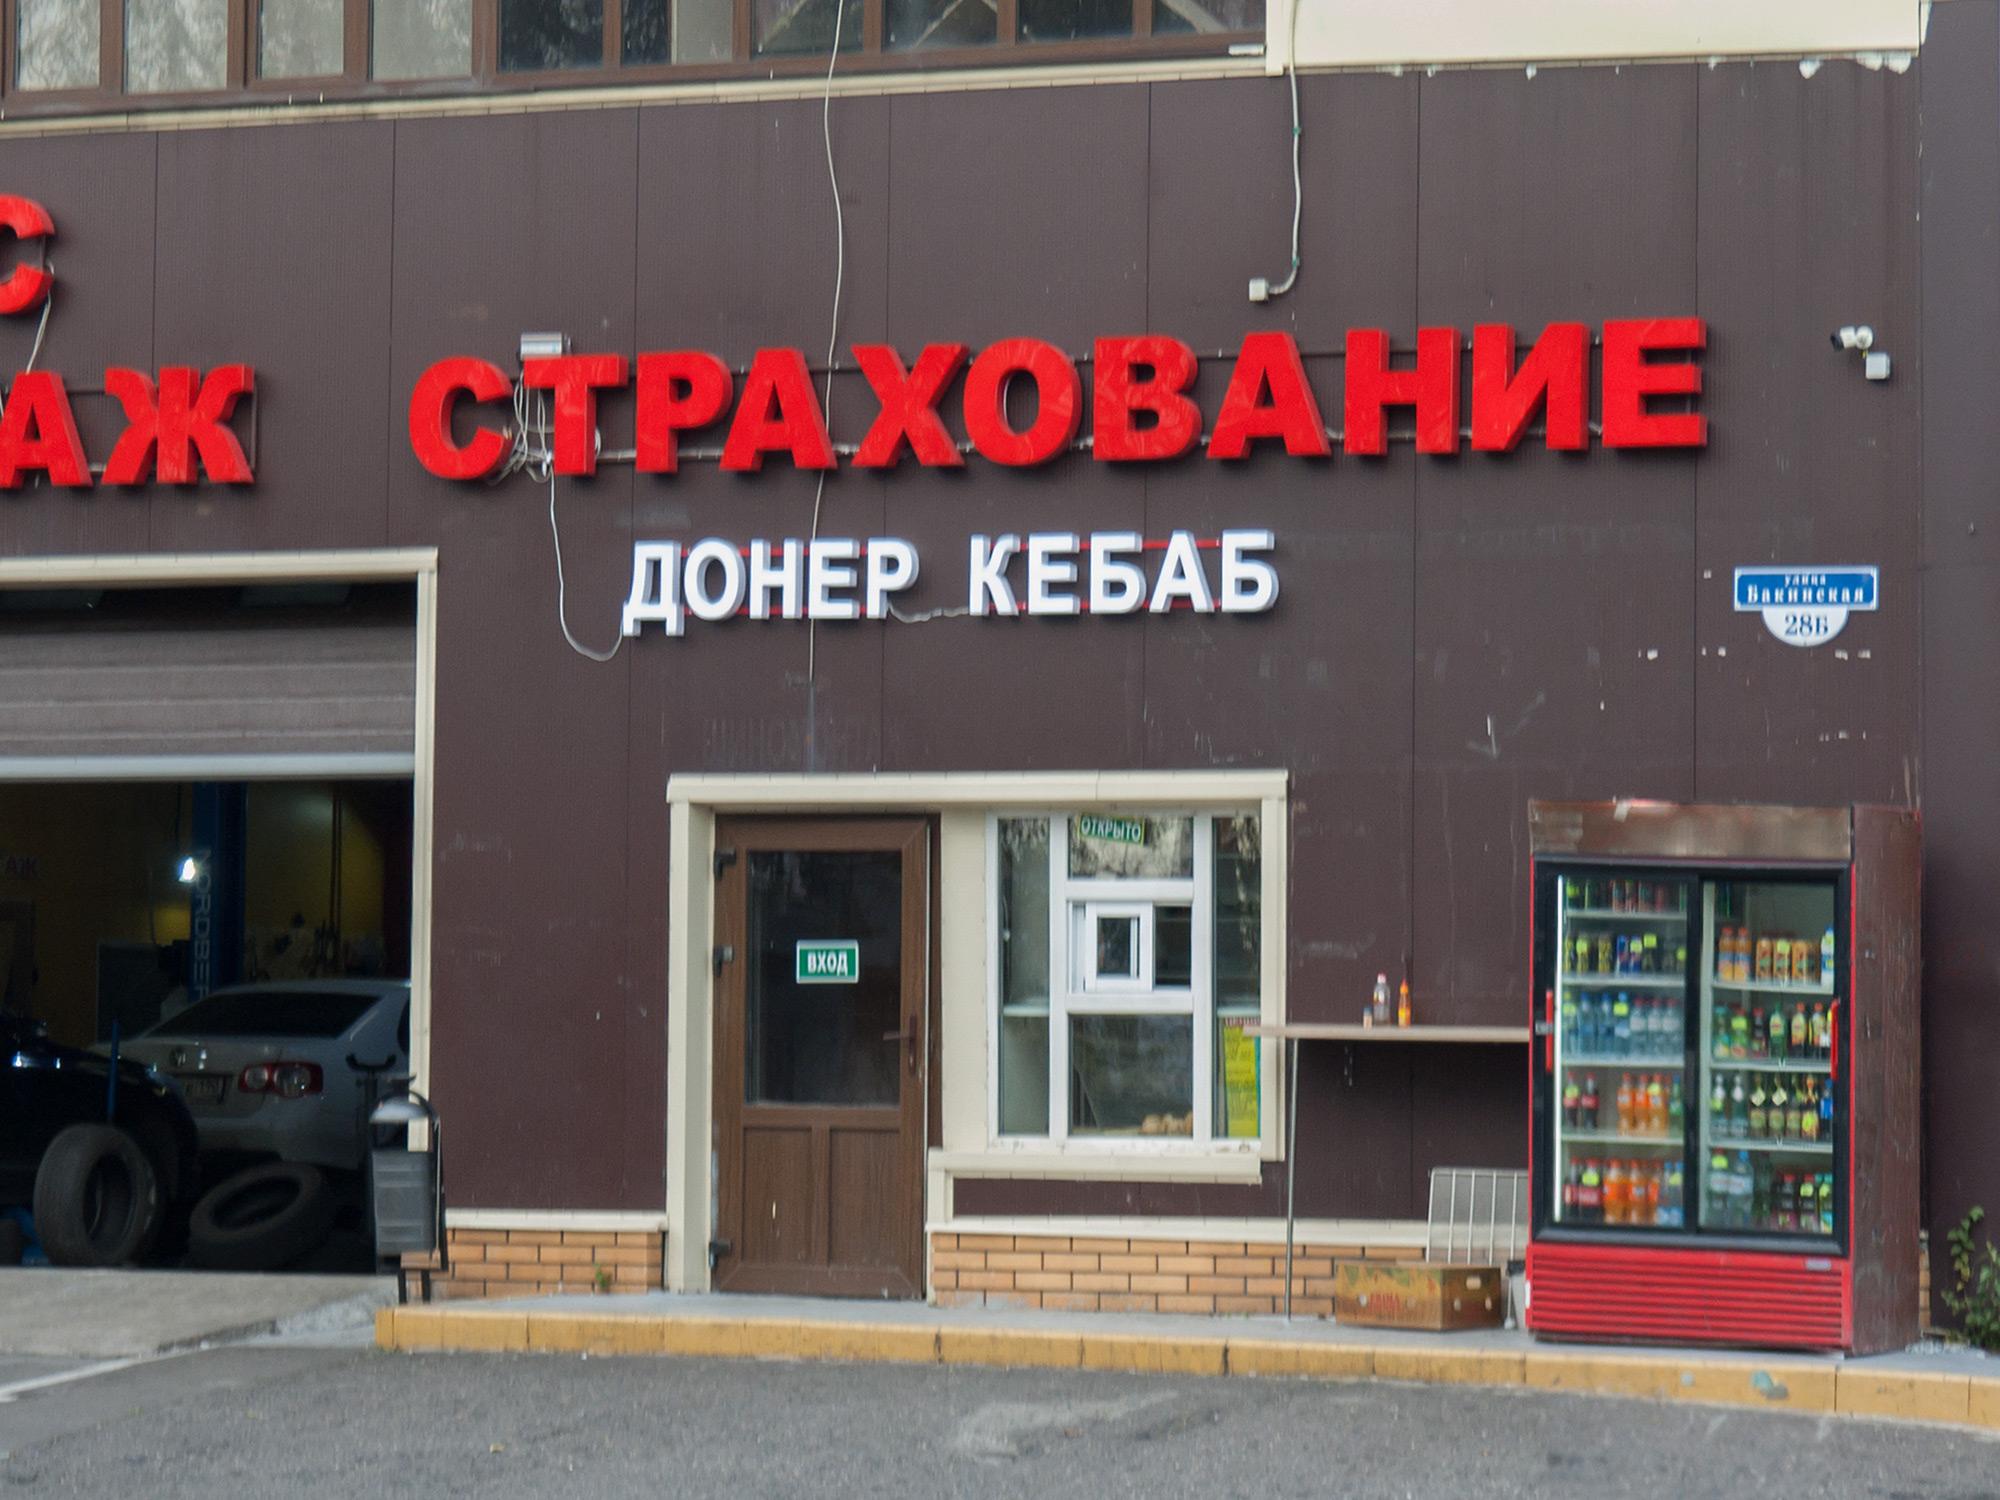 Страхование донер кебаб